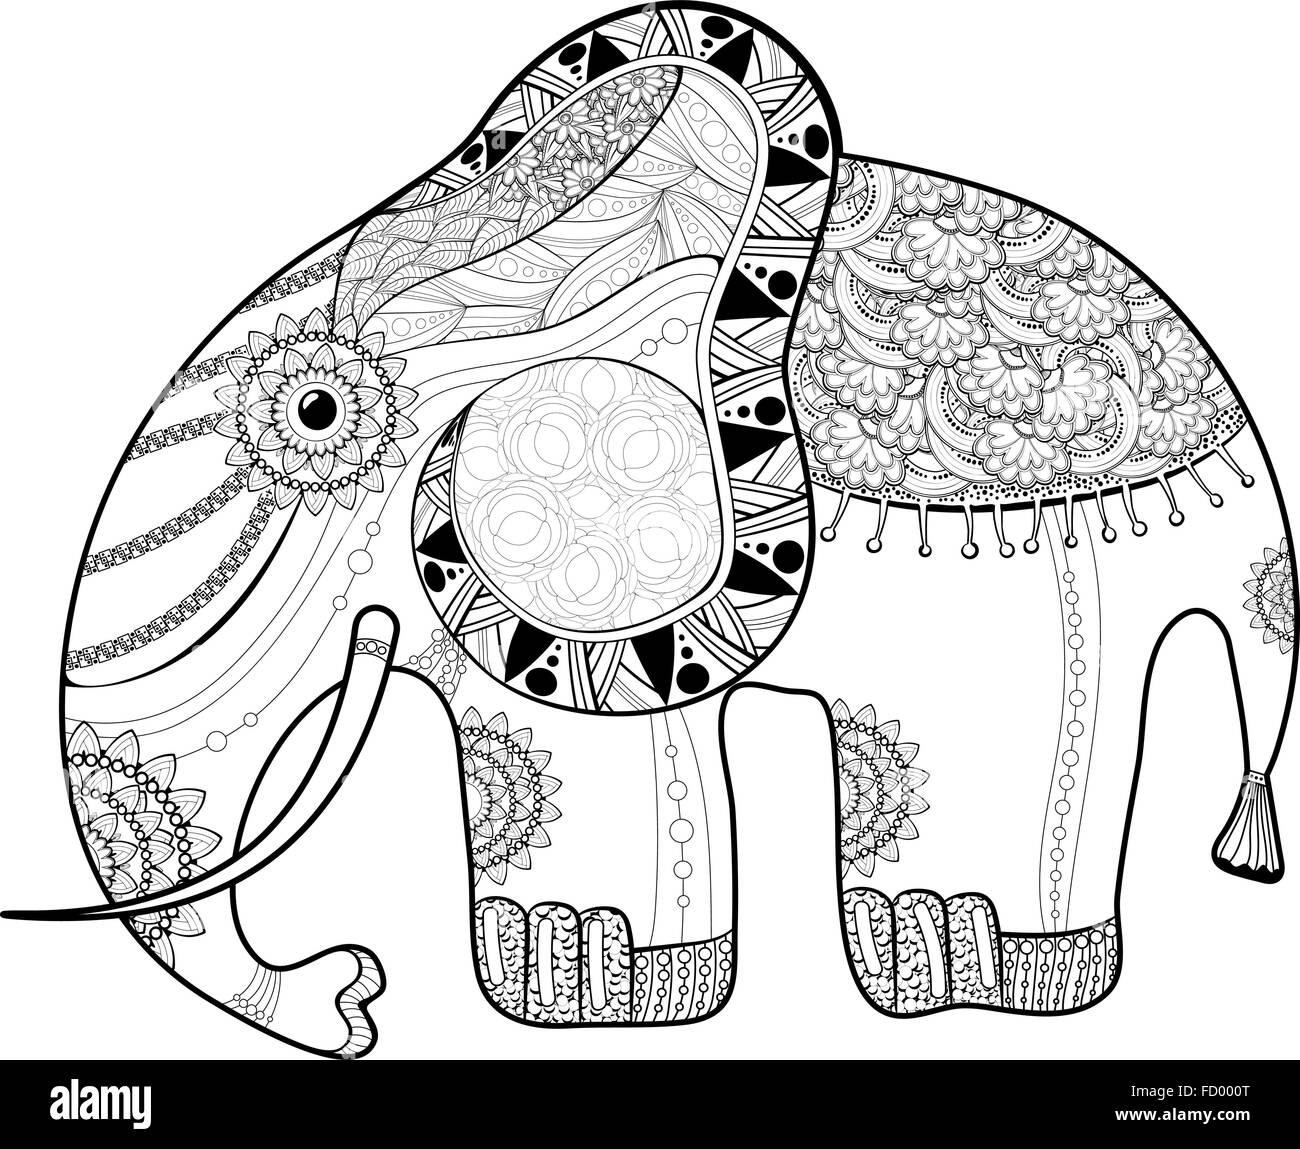 Coloriage Animaux Totem.La Page De Coloriage Pour Adultes Elephant Anti Stress Ethnique De